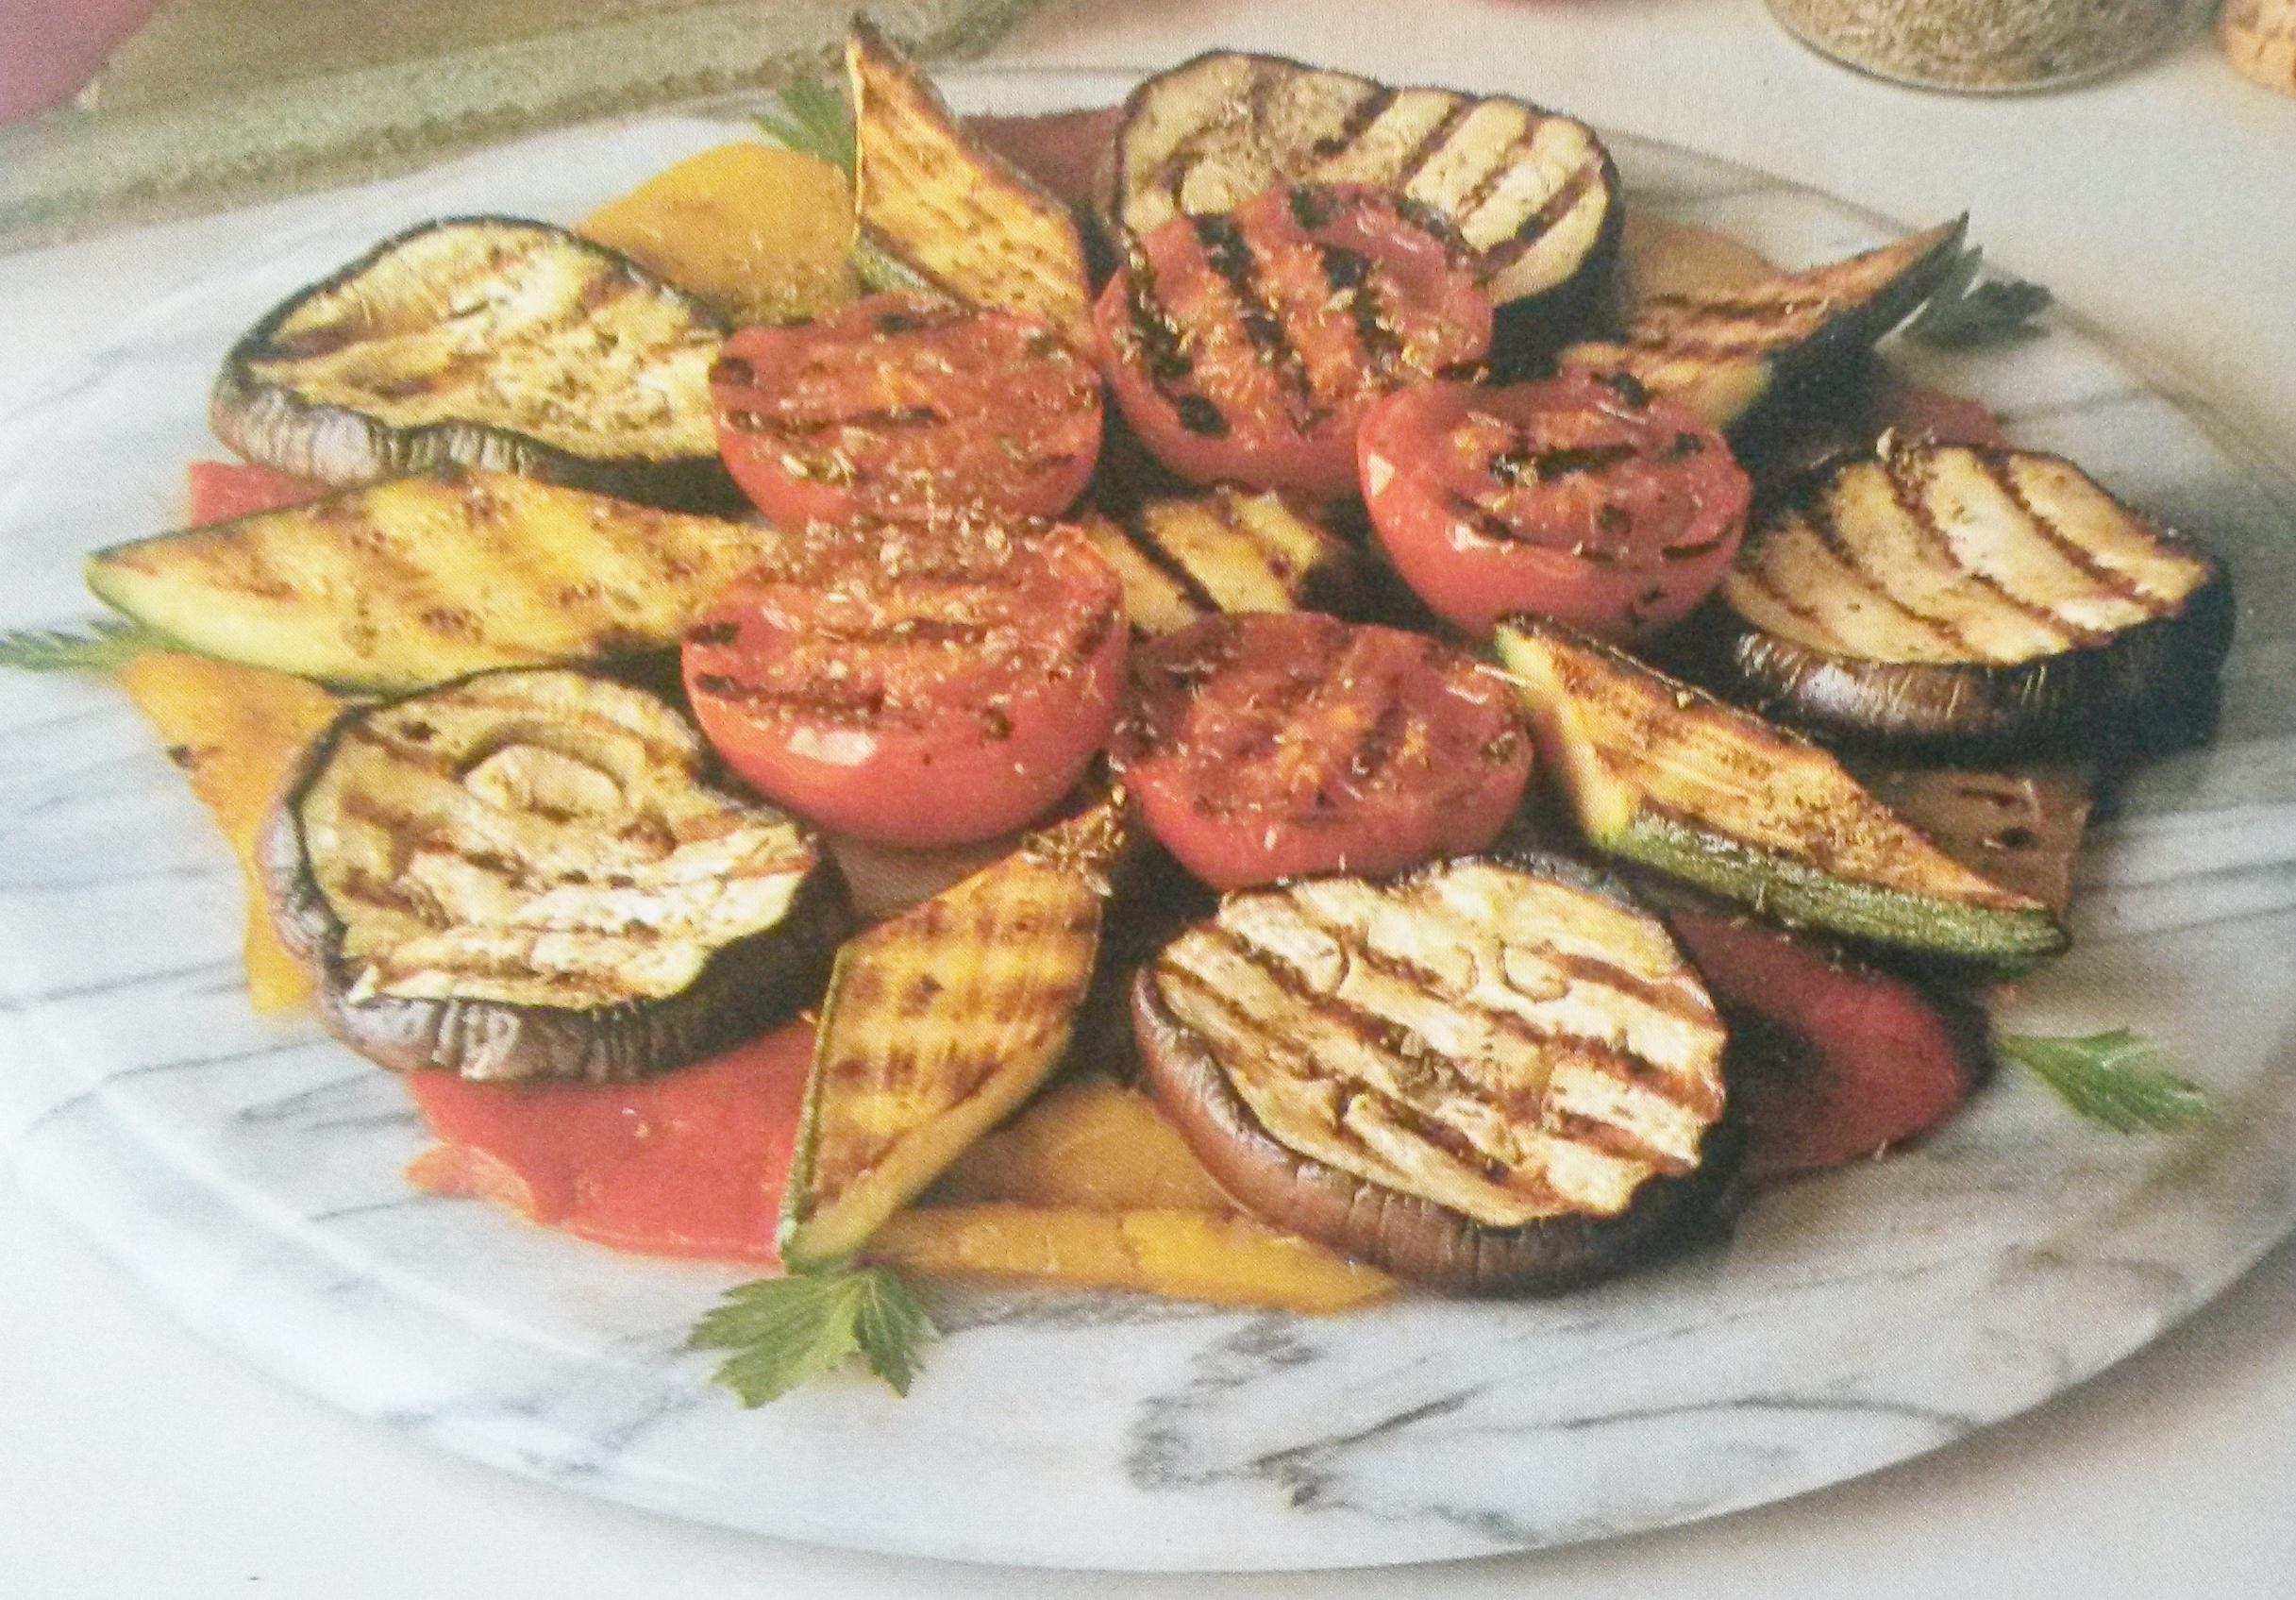 verdure alla griglia senza glutine